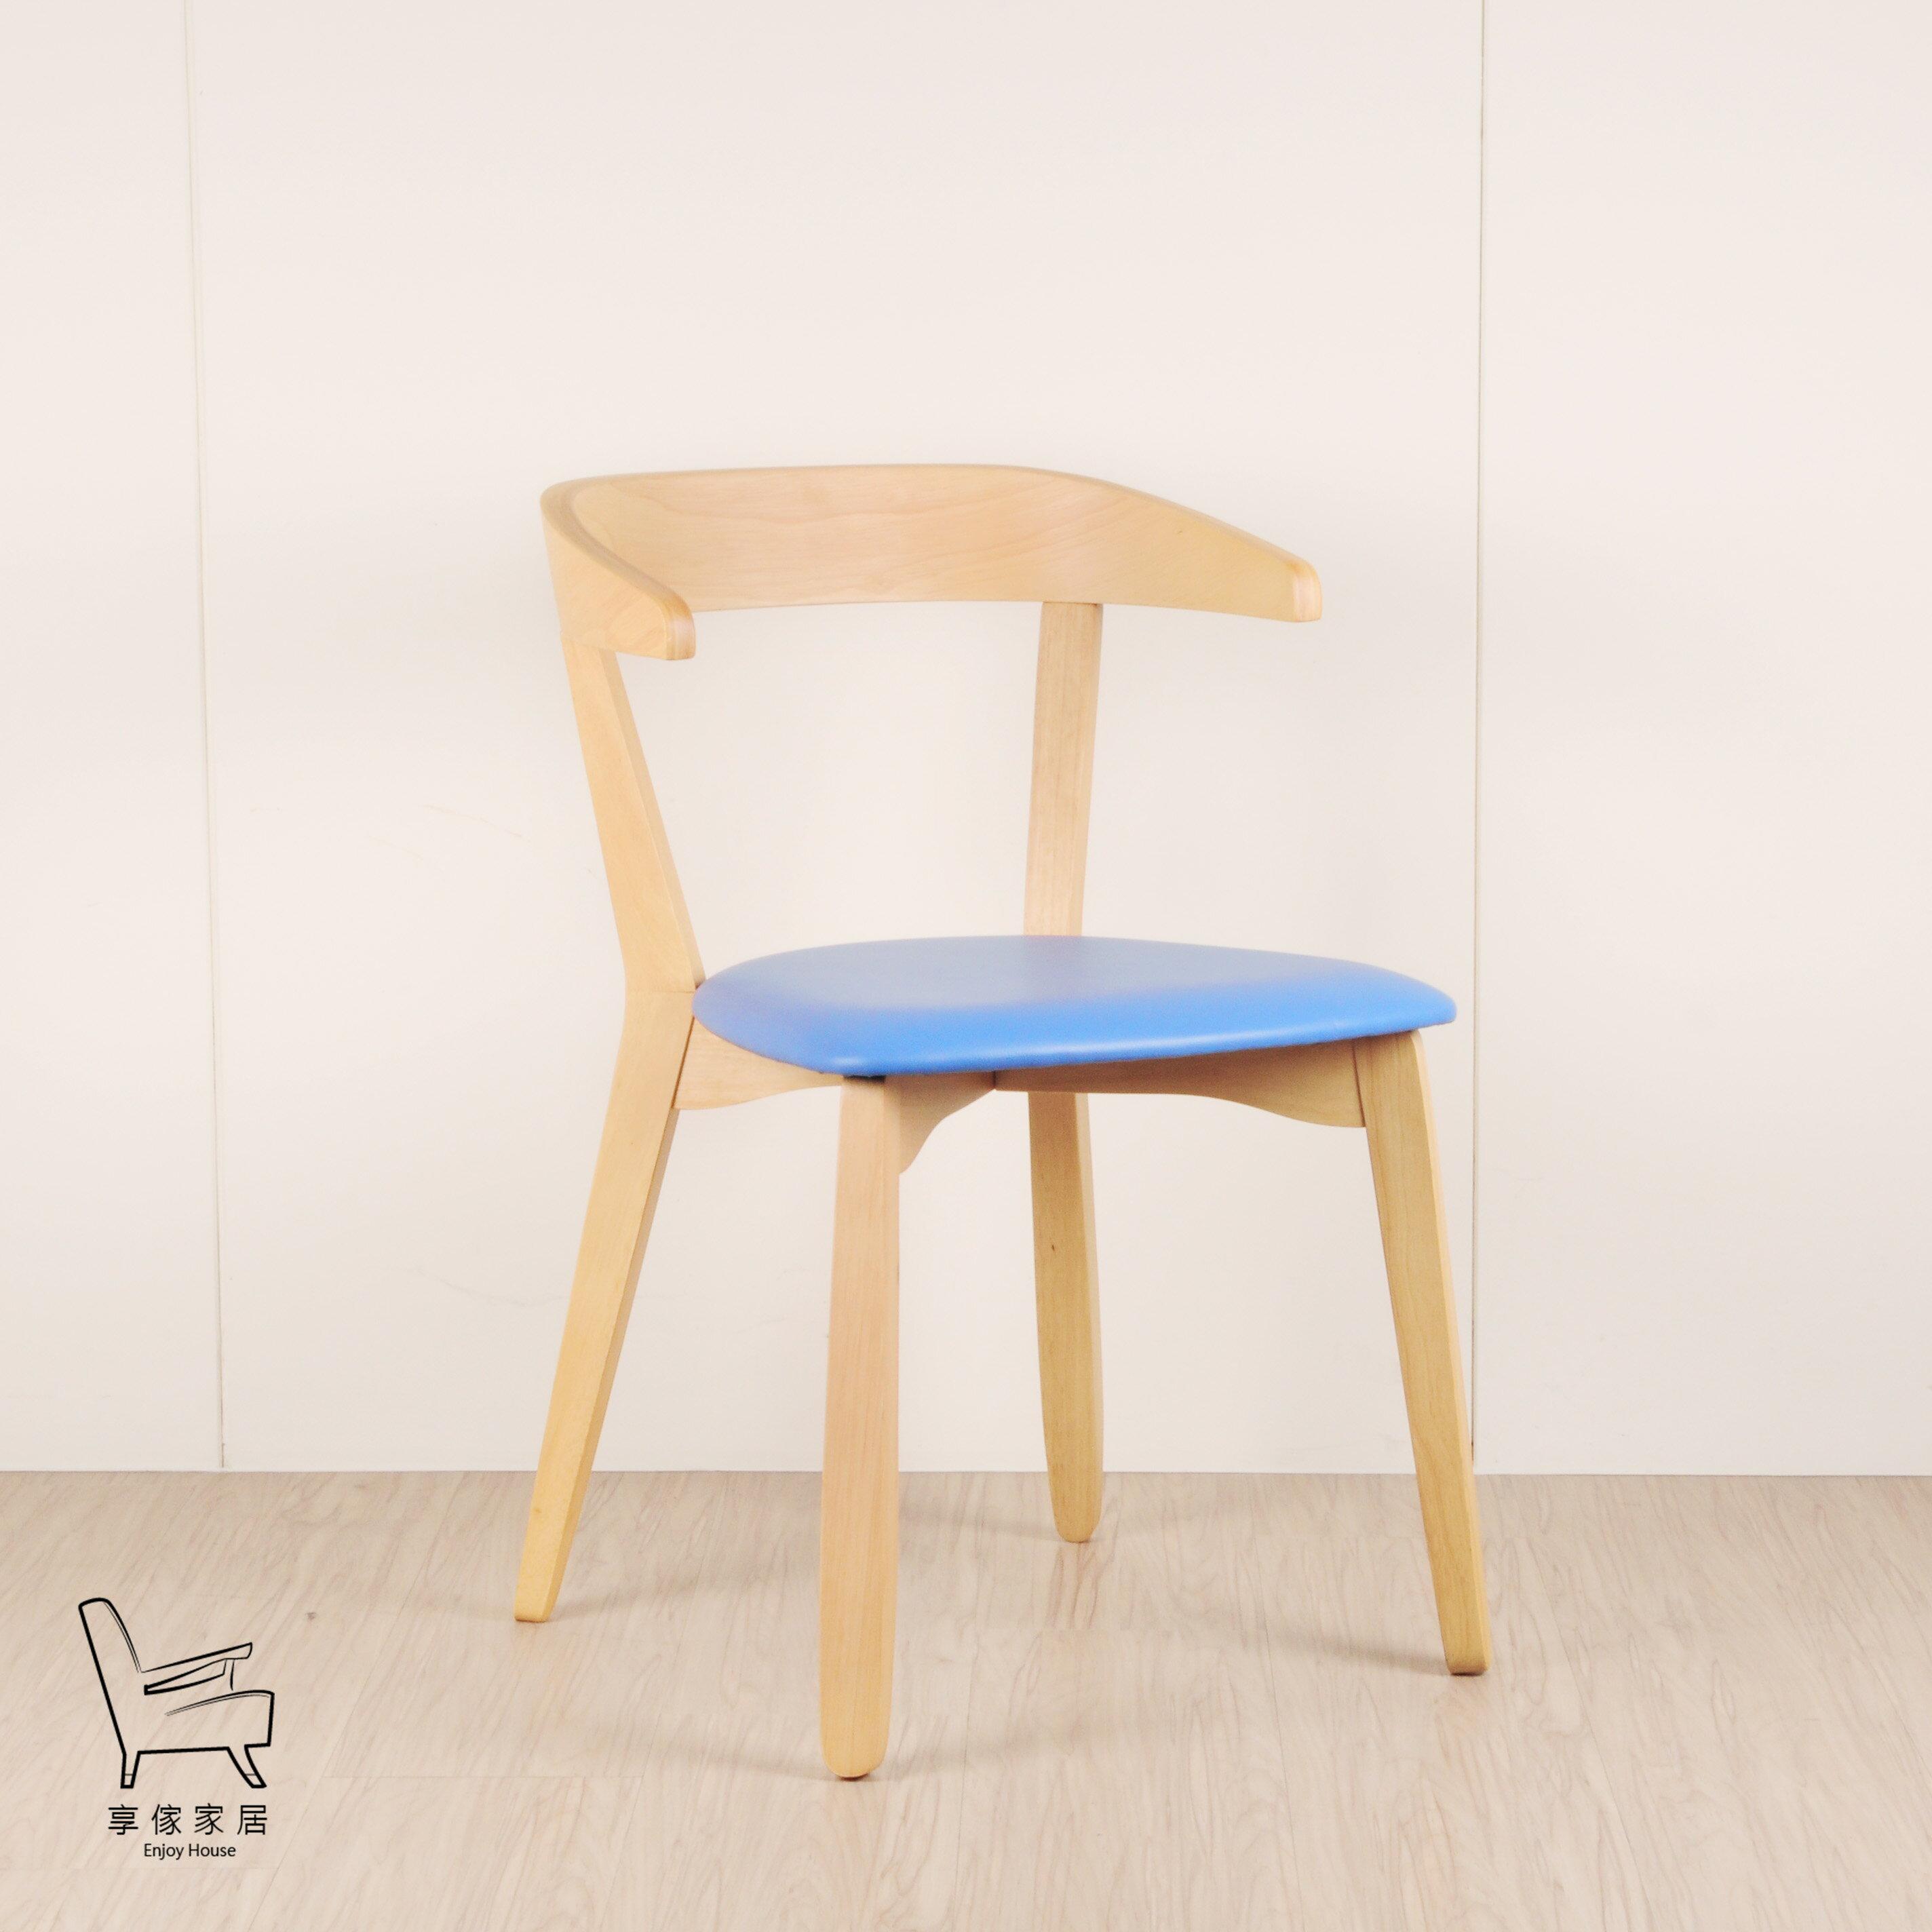 Curve背靠單椅/餐椅/書桌椅 北歐復刻經典設計 76公分高